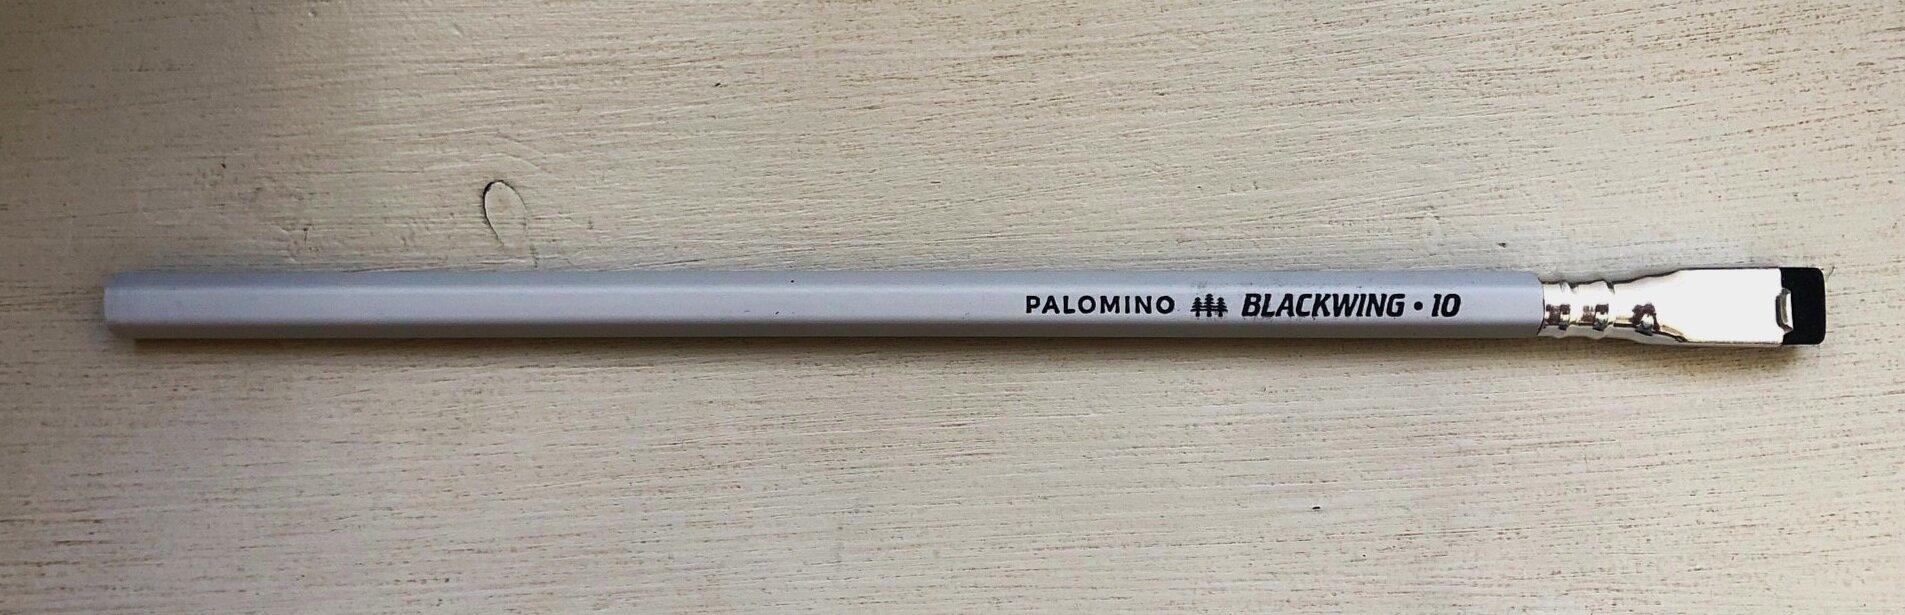 Palomino edición limitada, homenaje a 10 días en un manicomio.